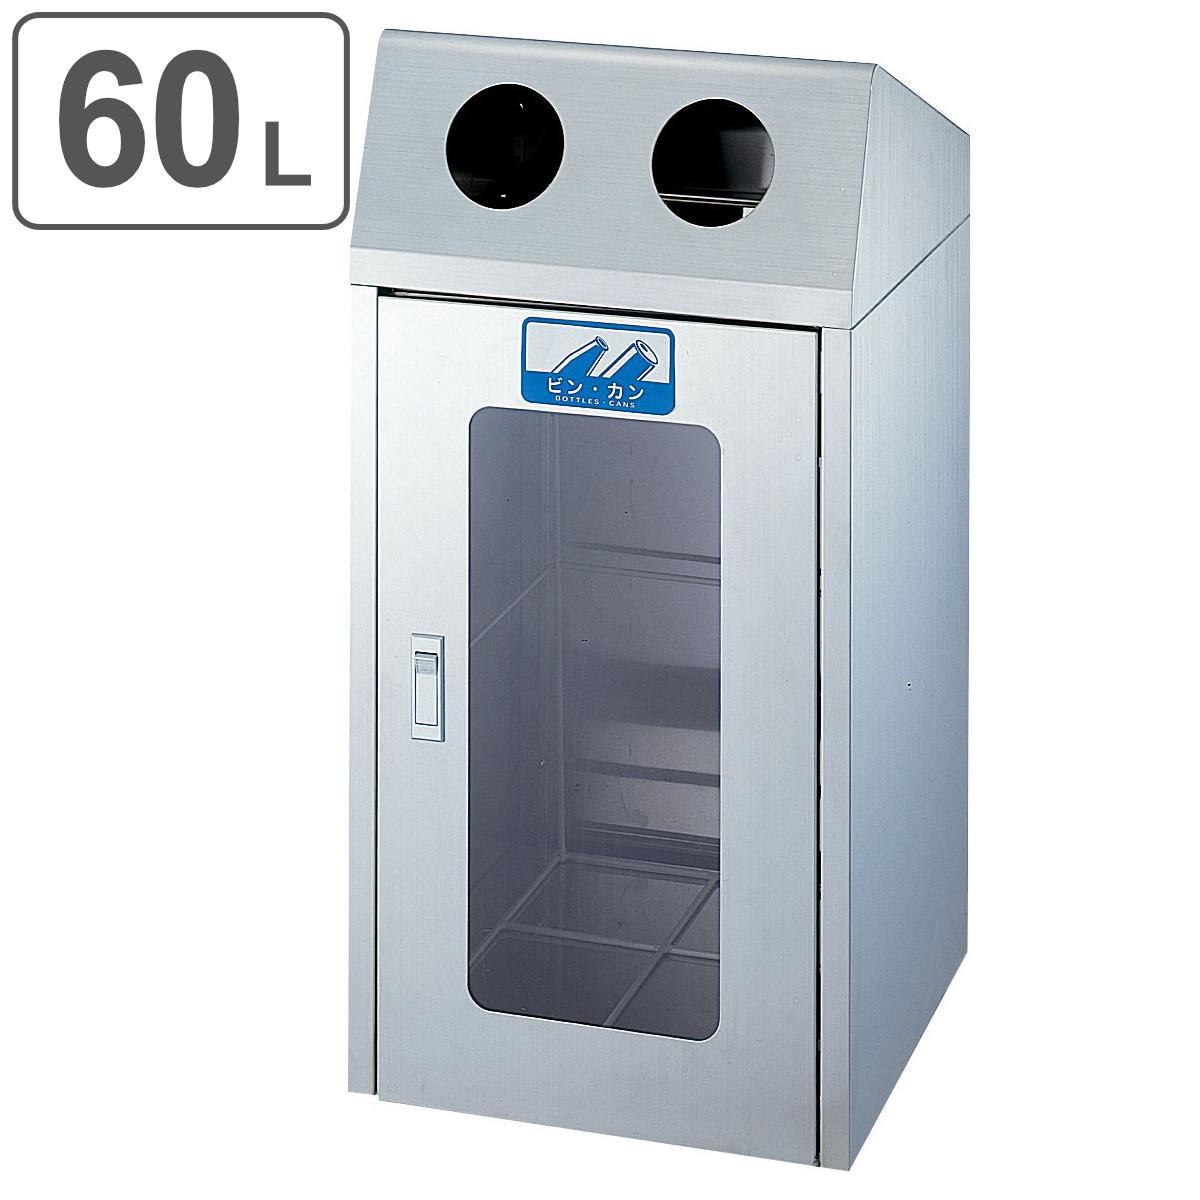 ゴミ箱 リサイクルボックス CS-2ST 1面窓付き 送料無料